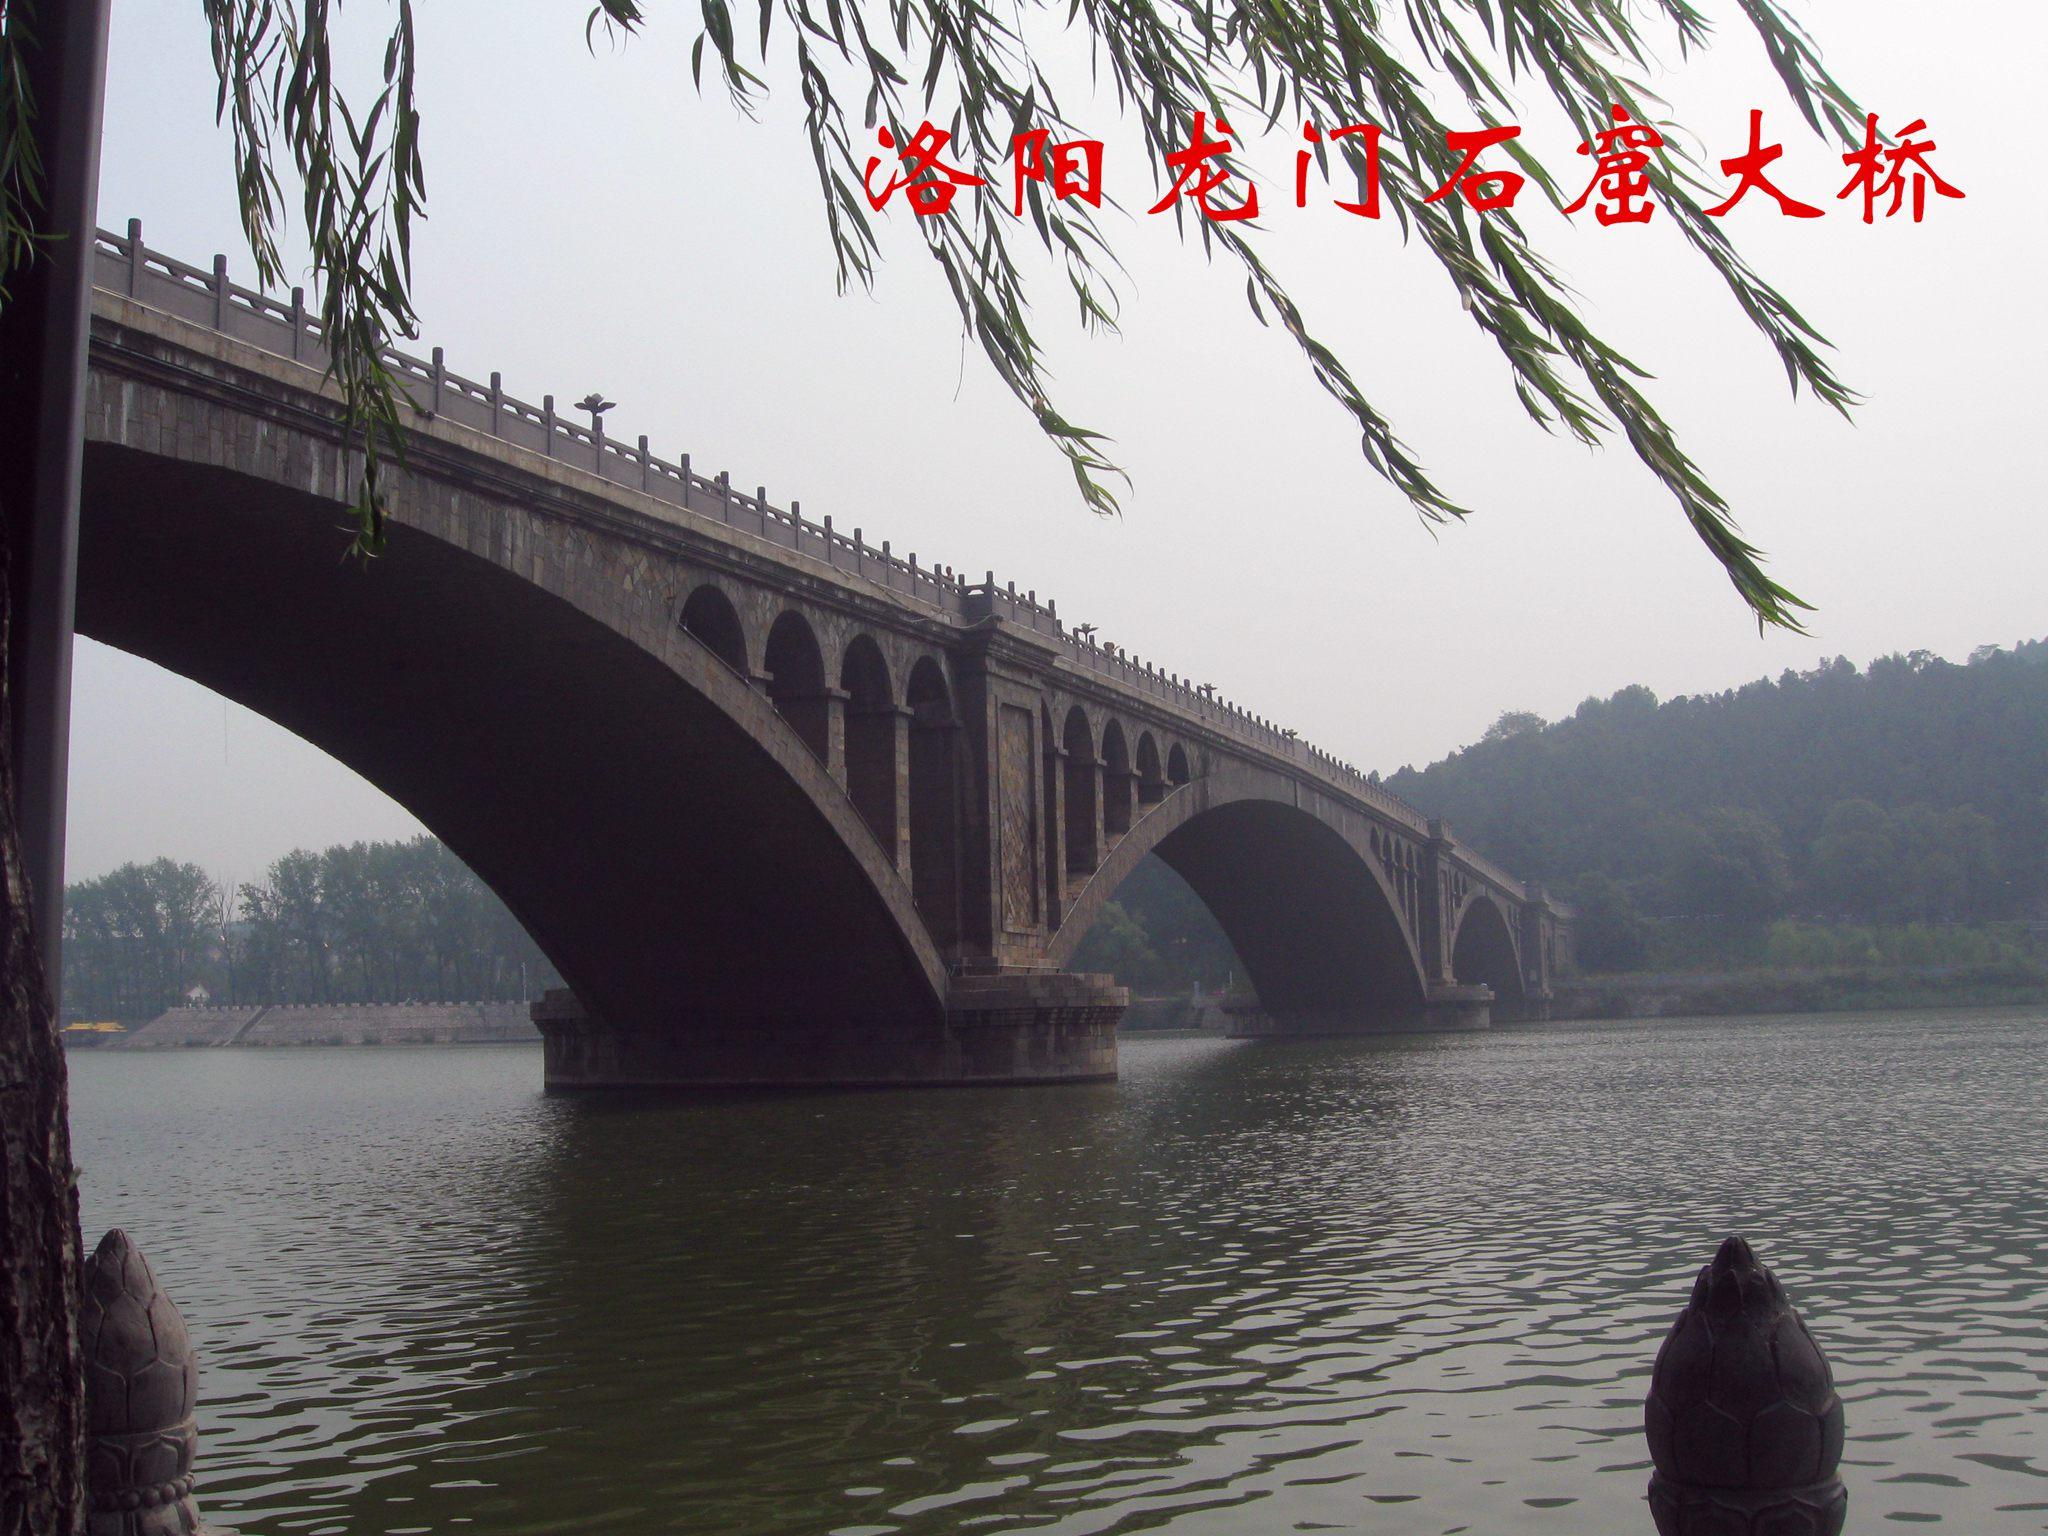 同学法则参观宁夏、洛阳、西安固原(二):畅游游高中洛必达数学高中图片